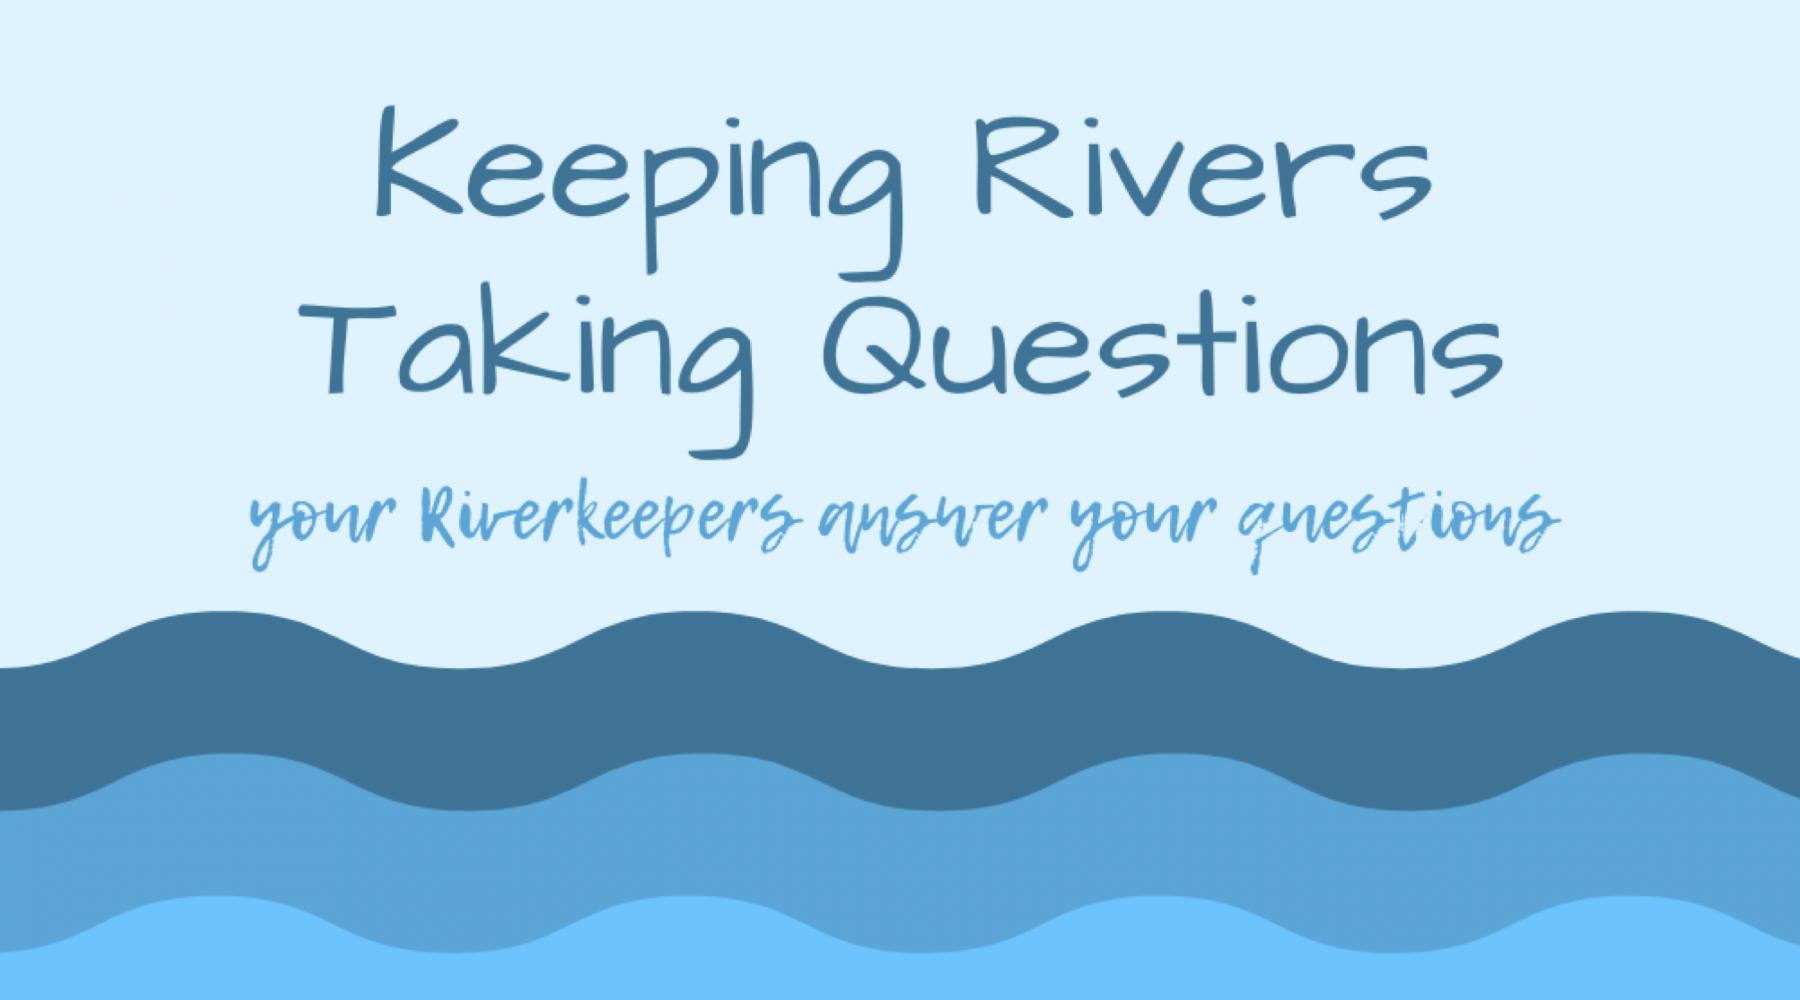 KeepingRiversTakingQuestions